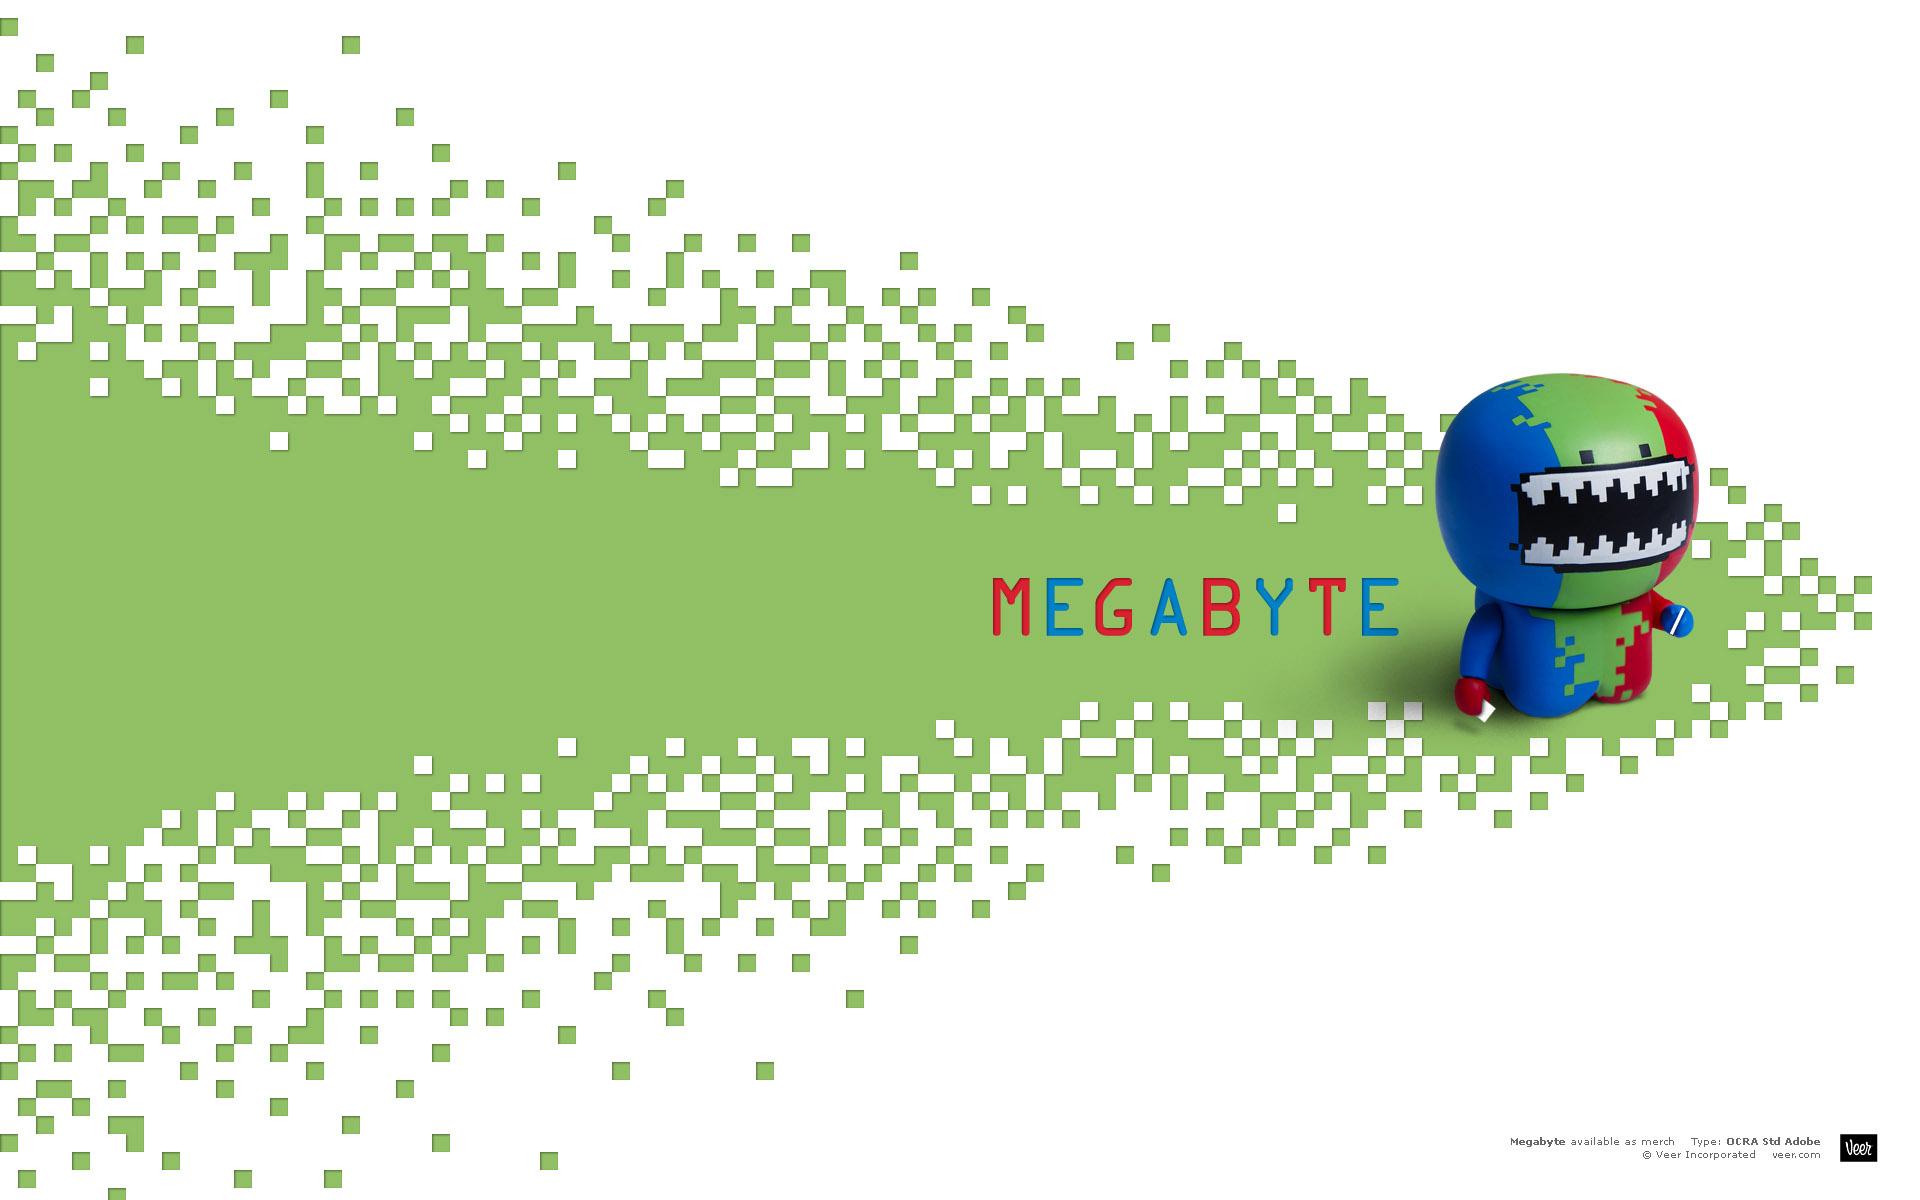 Картинка Картинка мегабайт - Картинки 3D-Графика - Бесплатные картинки для рабочего стола